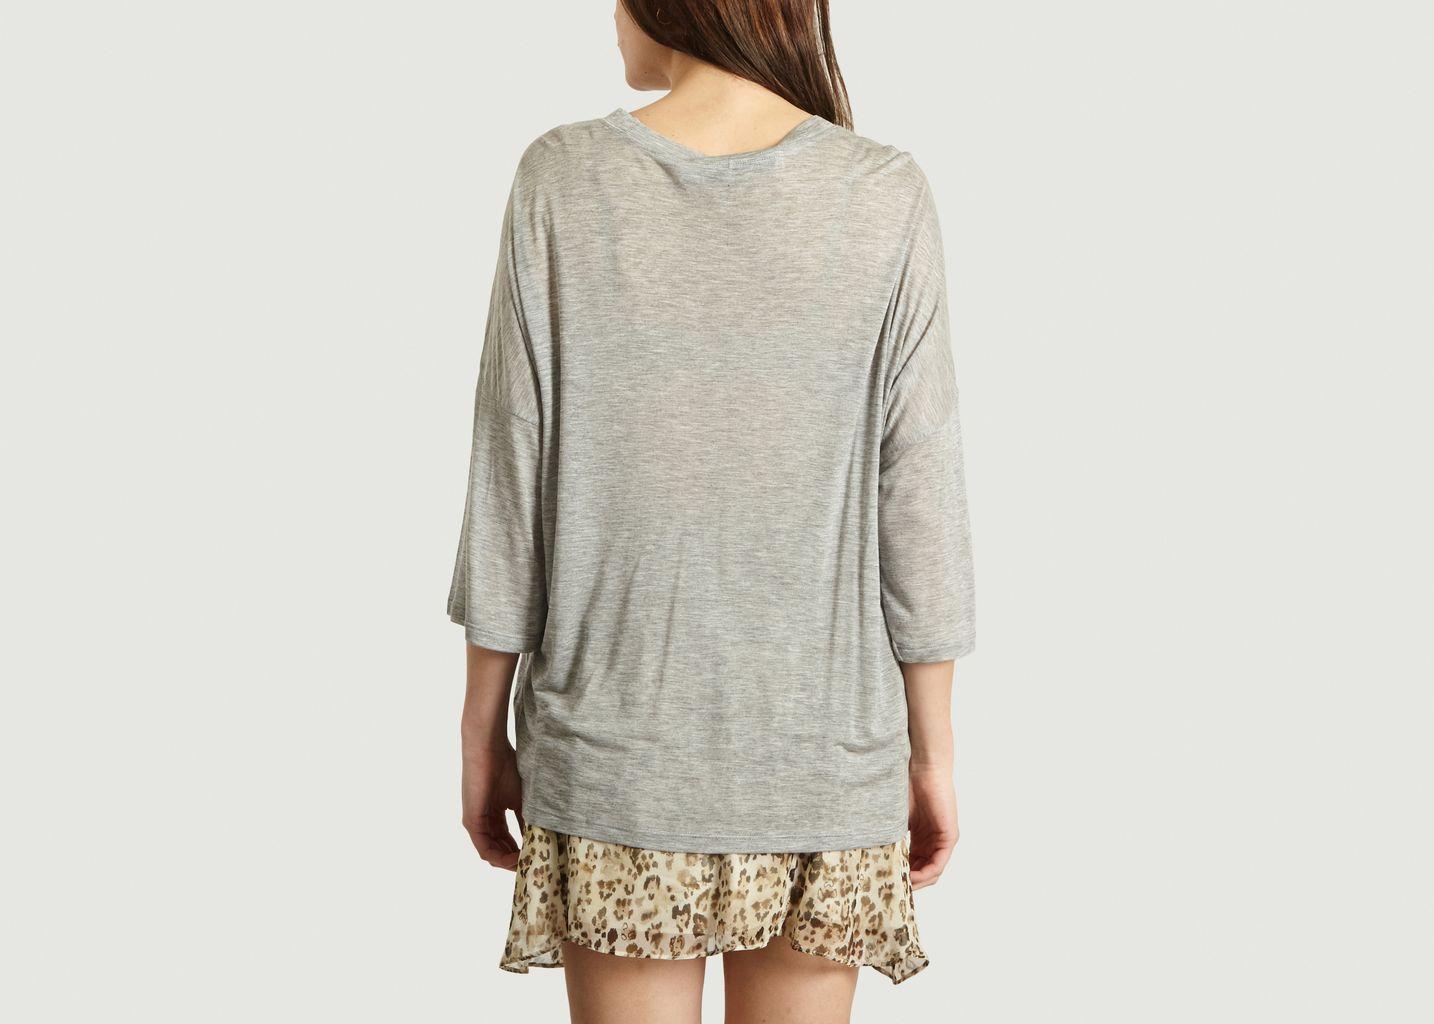 T-Shirt En Modal Sober - IRO